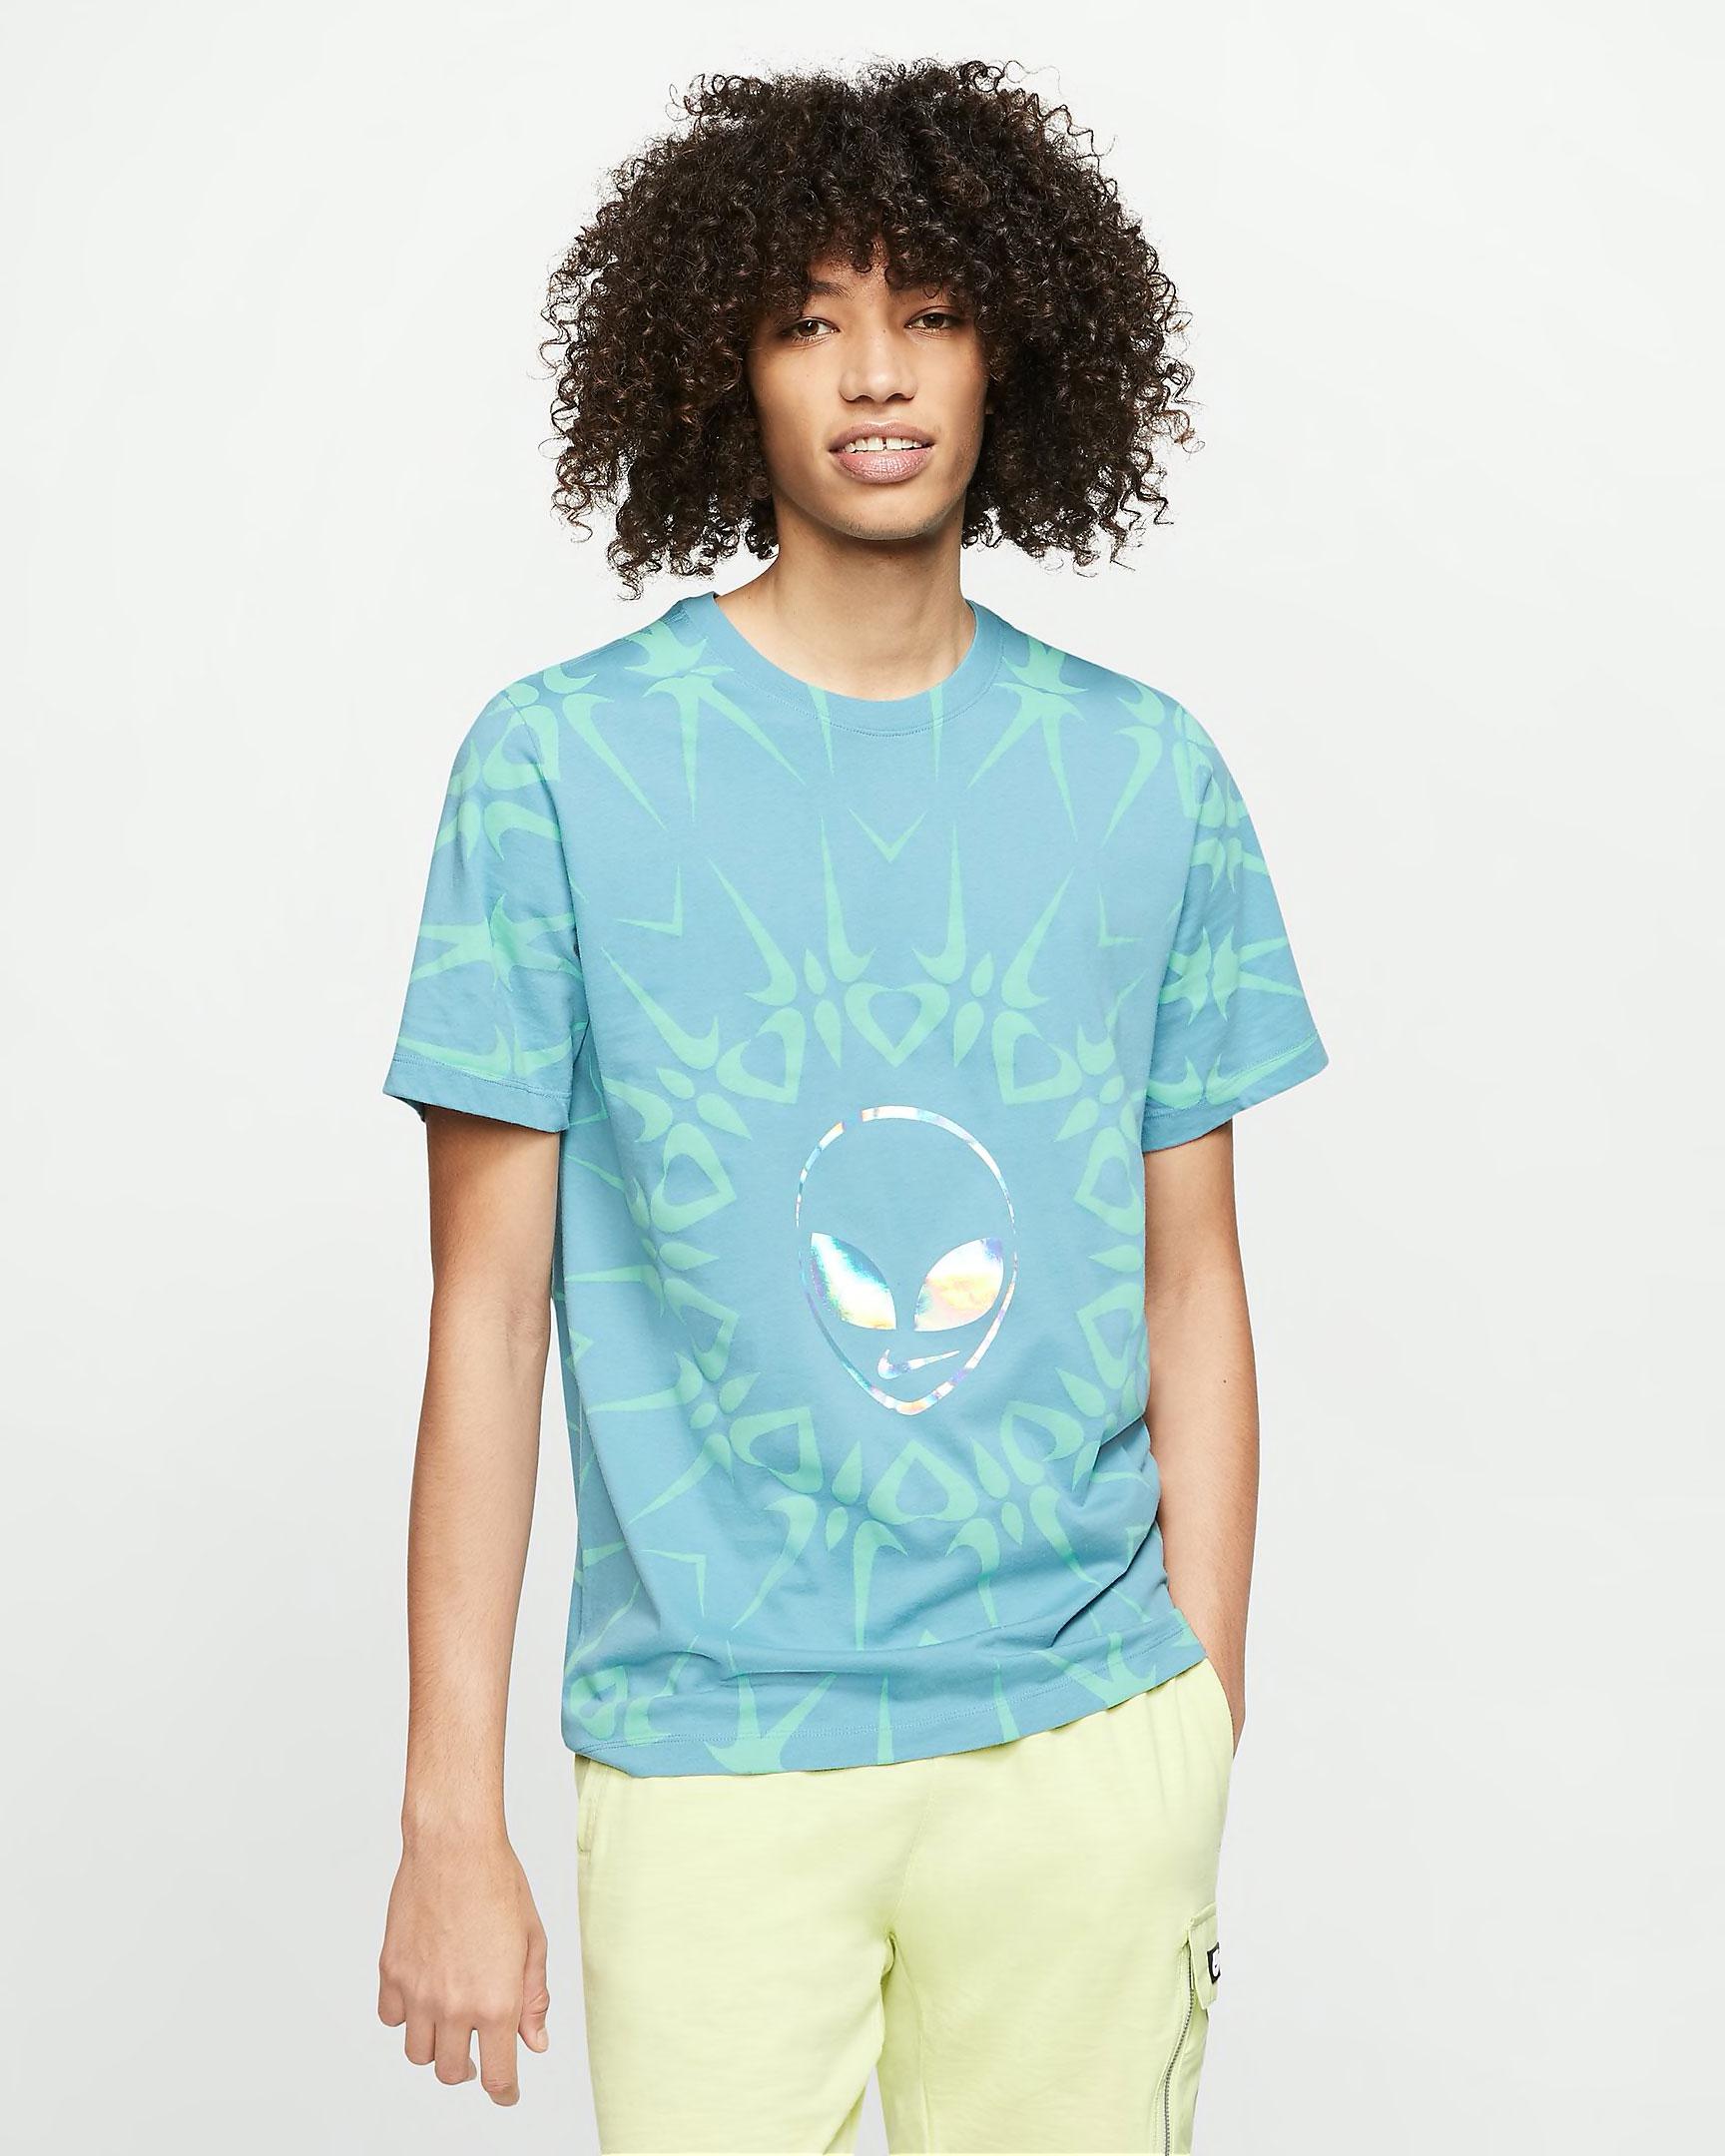 nike-air-max-95-alien-shirt-teal-blue